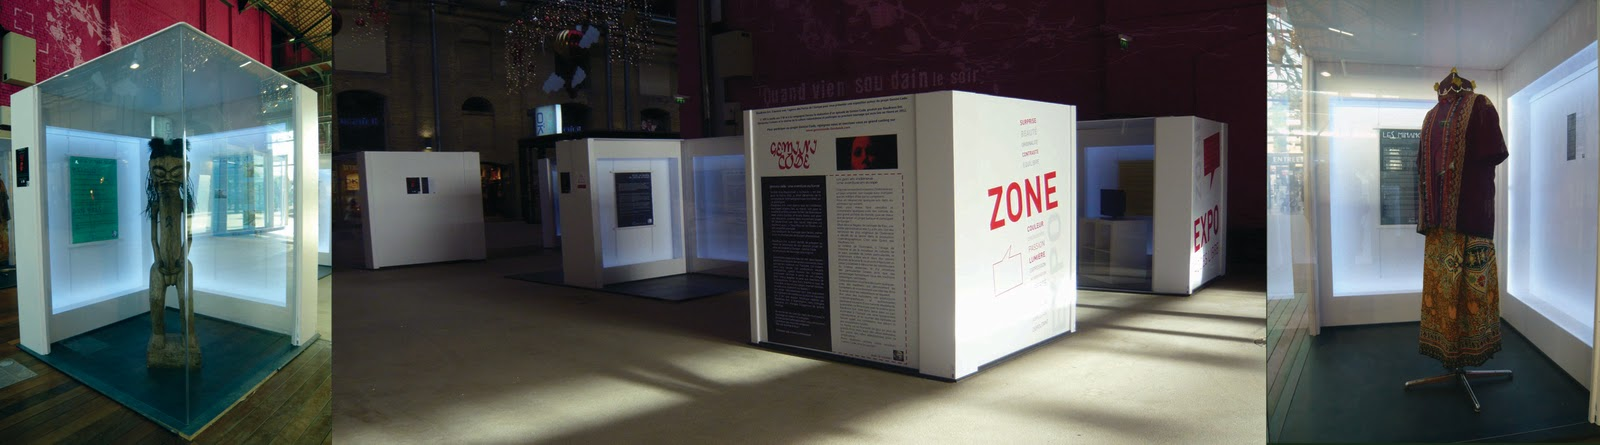 sc nographie d 39 exposition. Black Bedroom Furniture Sets. Home Design Ideas